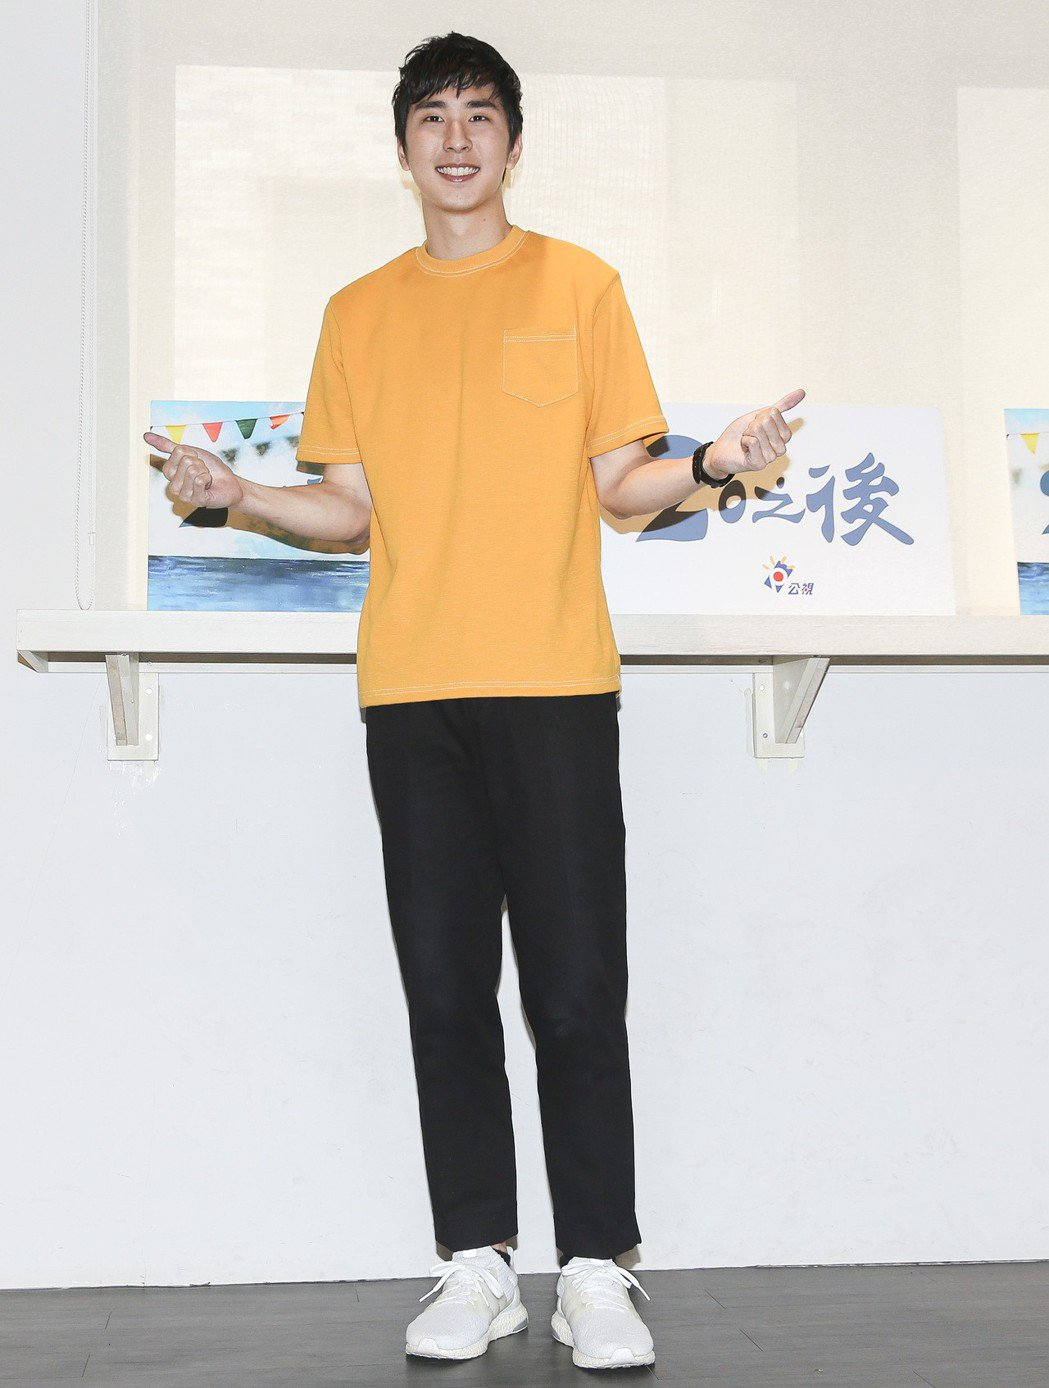 公視X稻田電影工作室,胡釋安出道戲劇作品連續劇《20之後》。記者楊萬雲/攝影